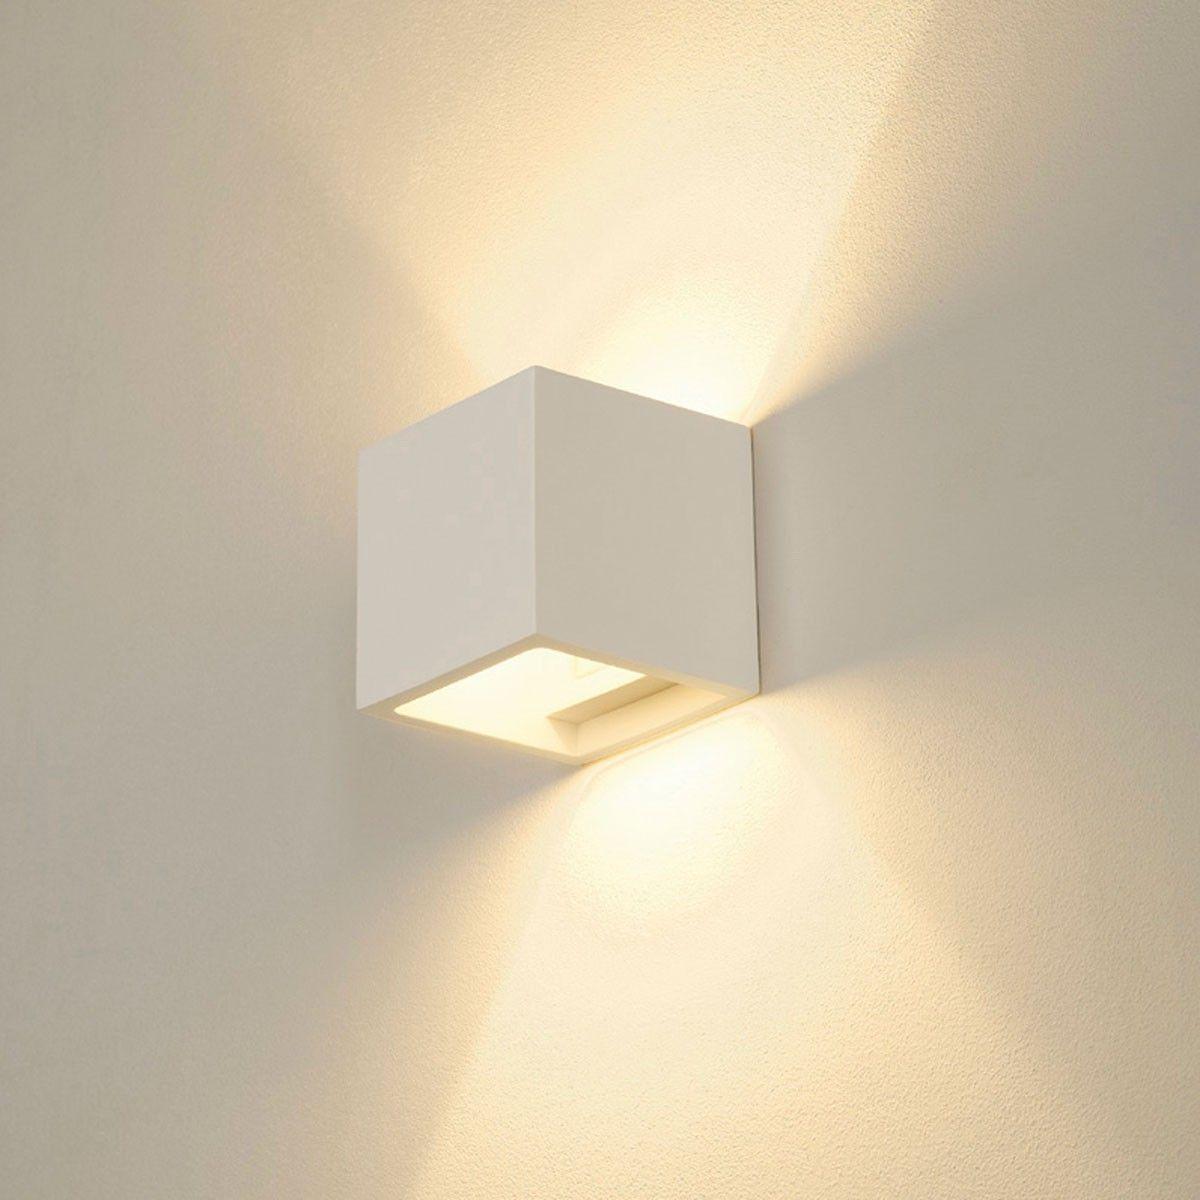 Plastra Cube Wandleuchte Eckig Weisser Gips G9 Max 42w Indirekte Beleuchtung Wandleuchte Beleuchtung Wohnzimmer